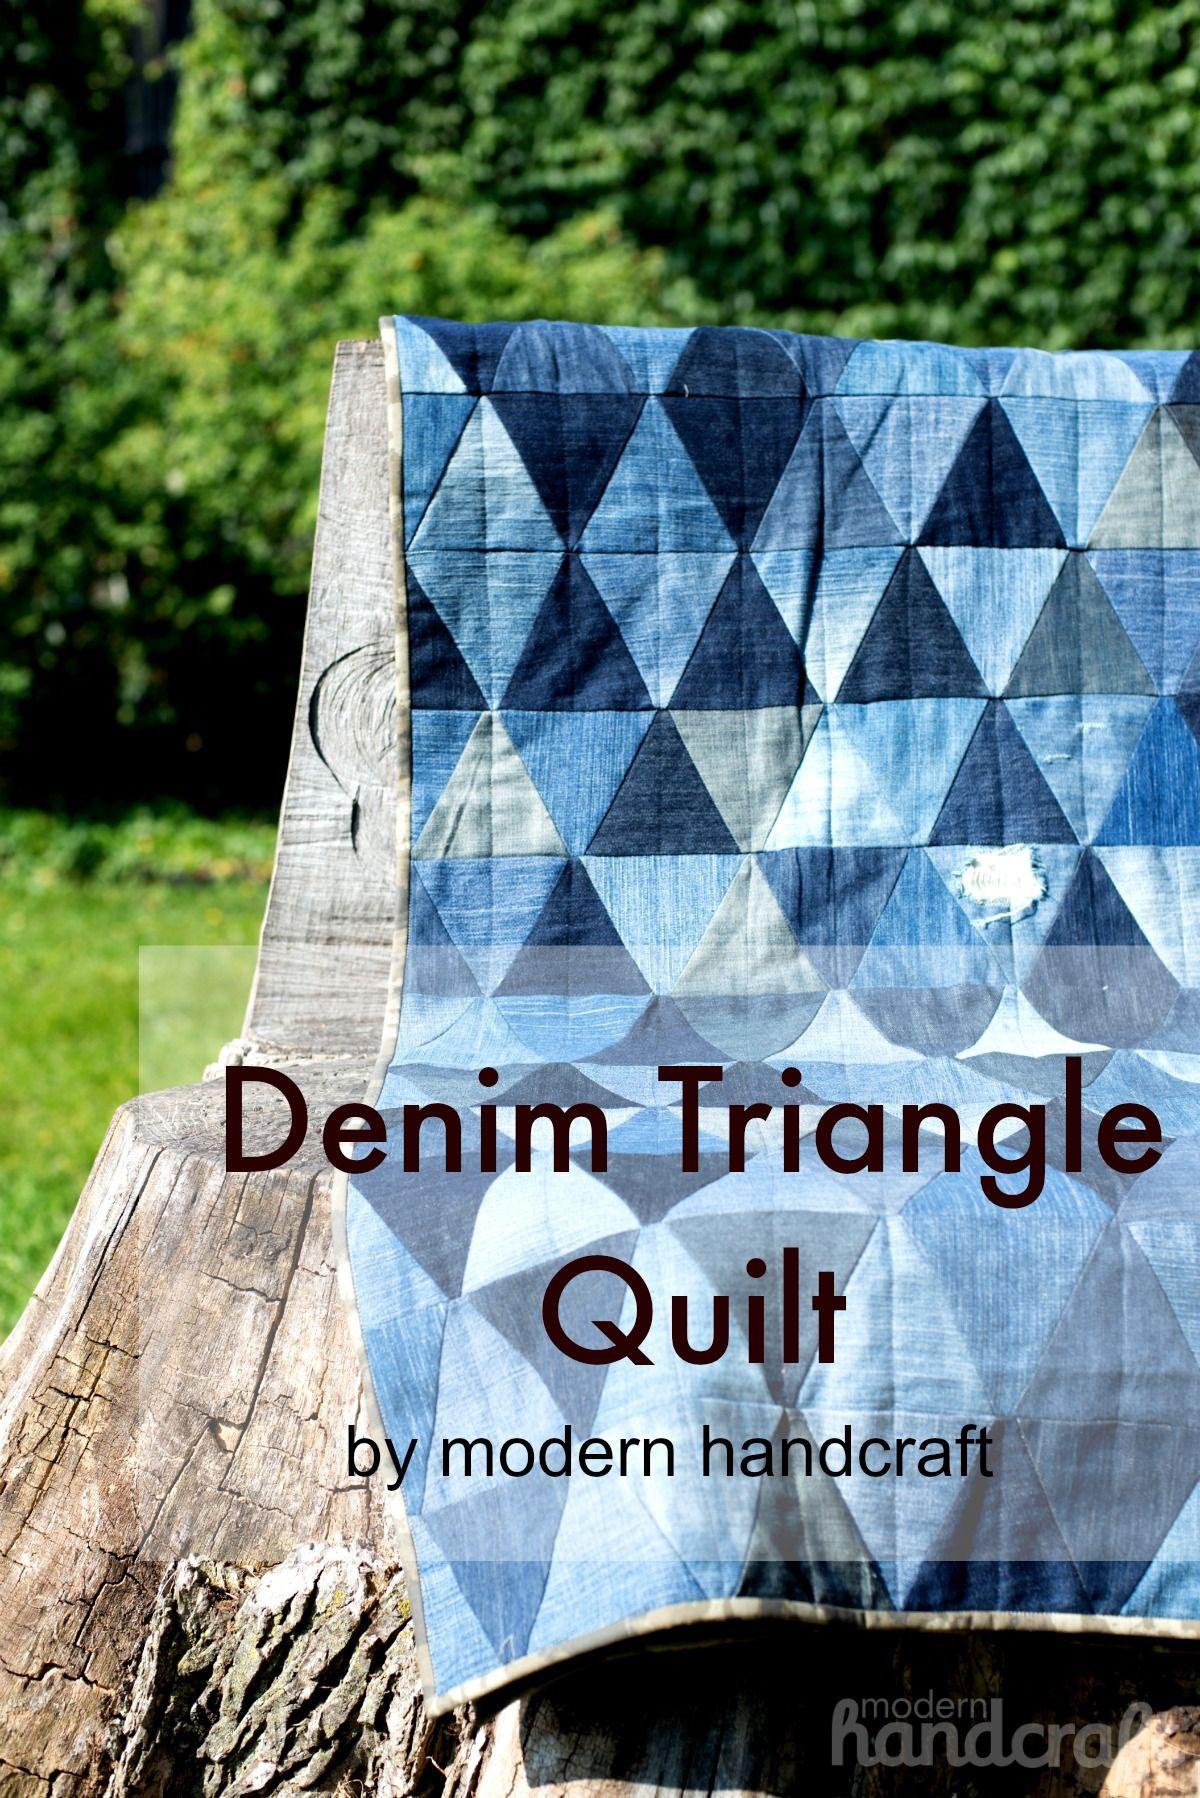 denim triangle quilt lappt cke sy och verkast. Black Bedroom Furniture Sets. Home Design Ideas